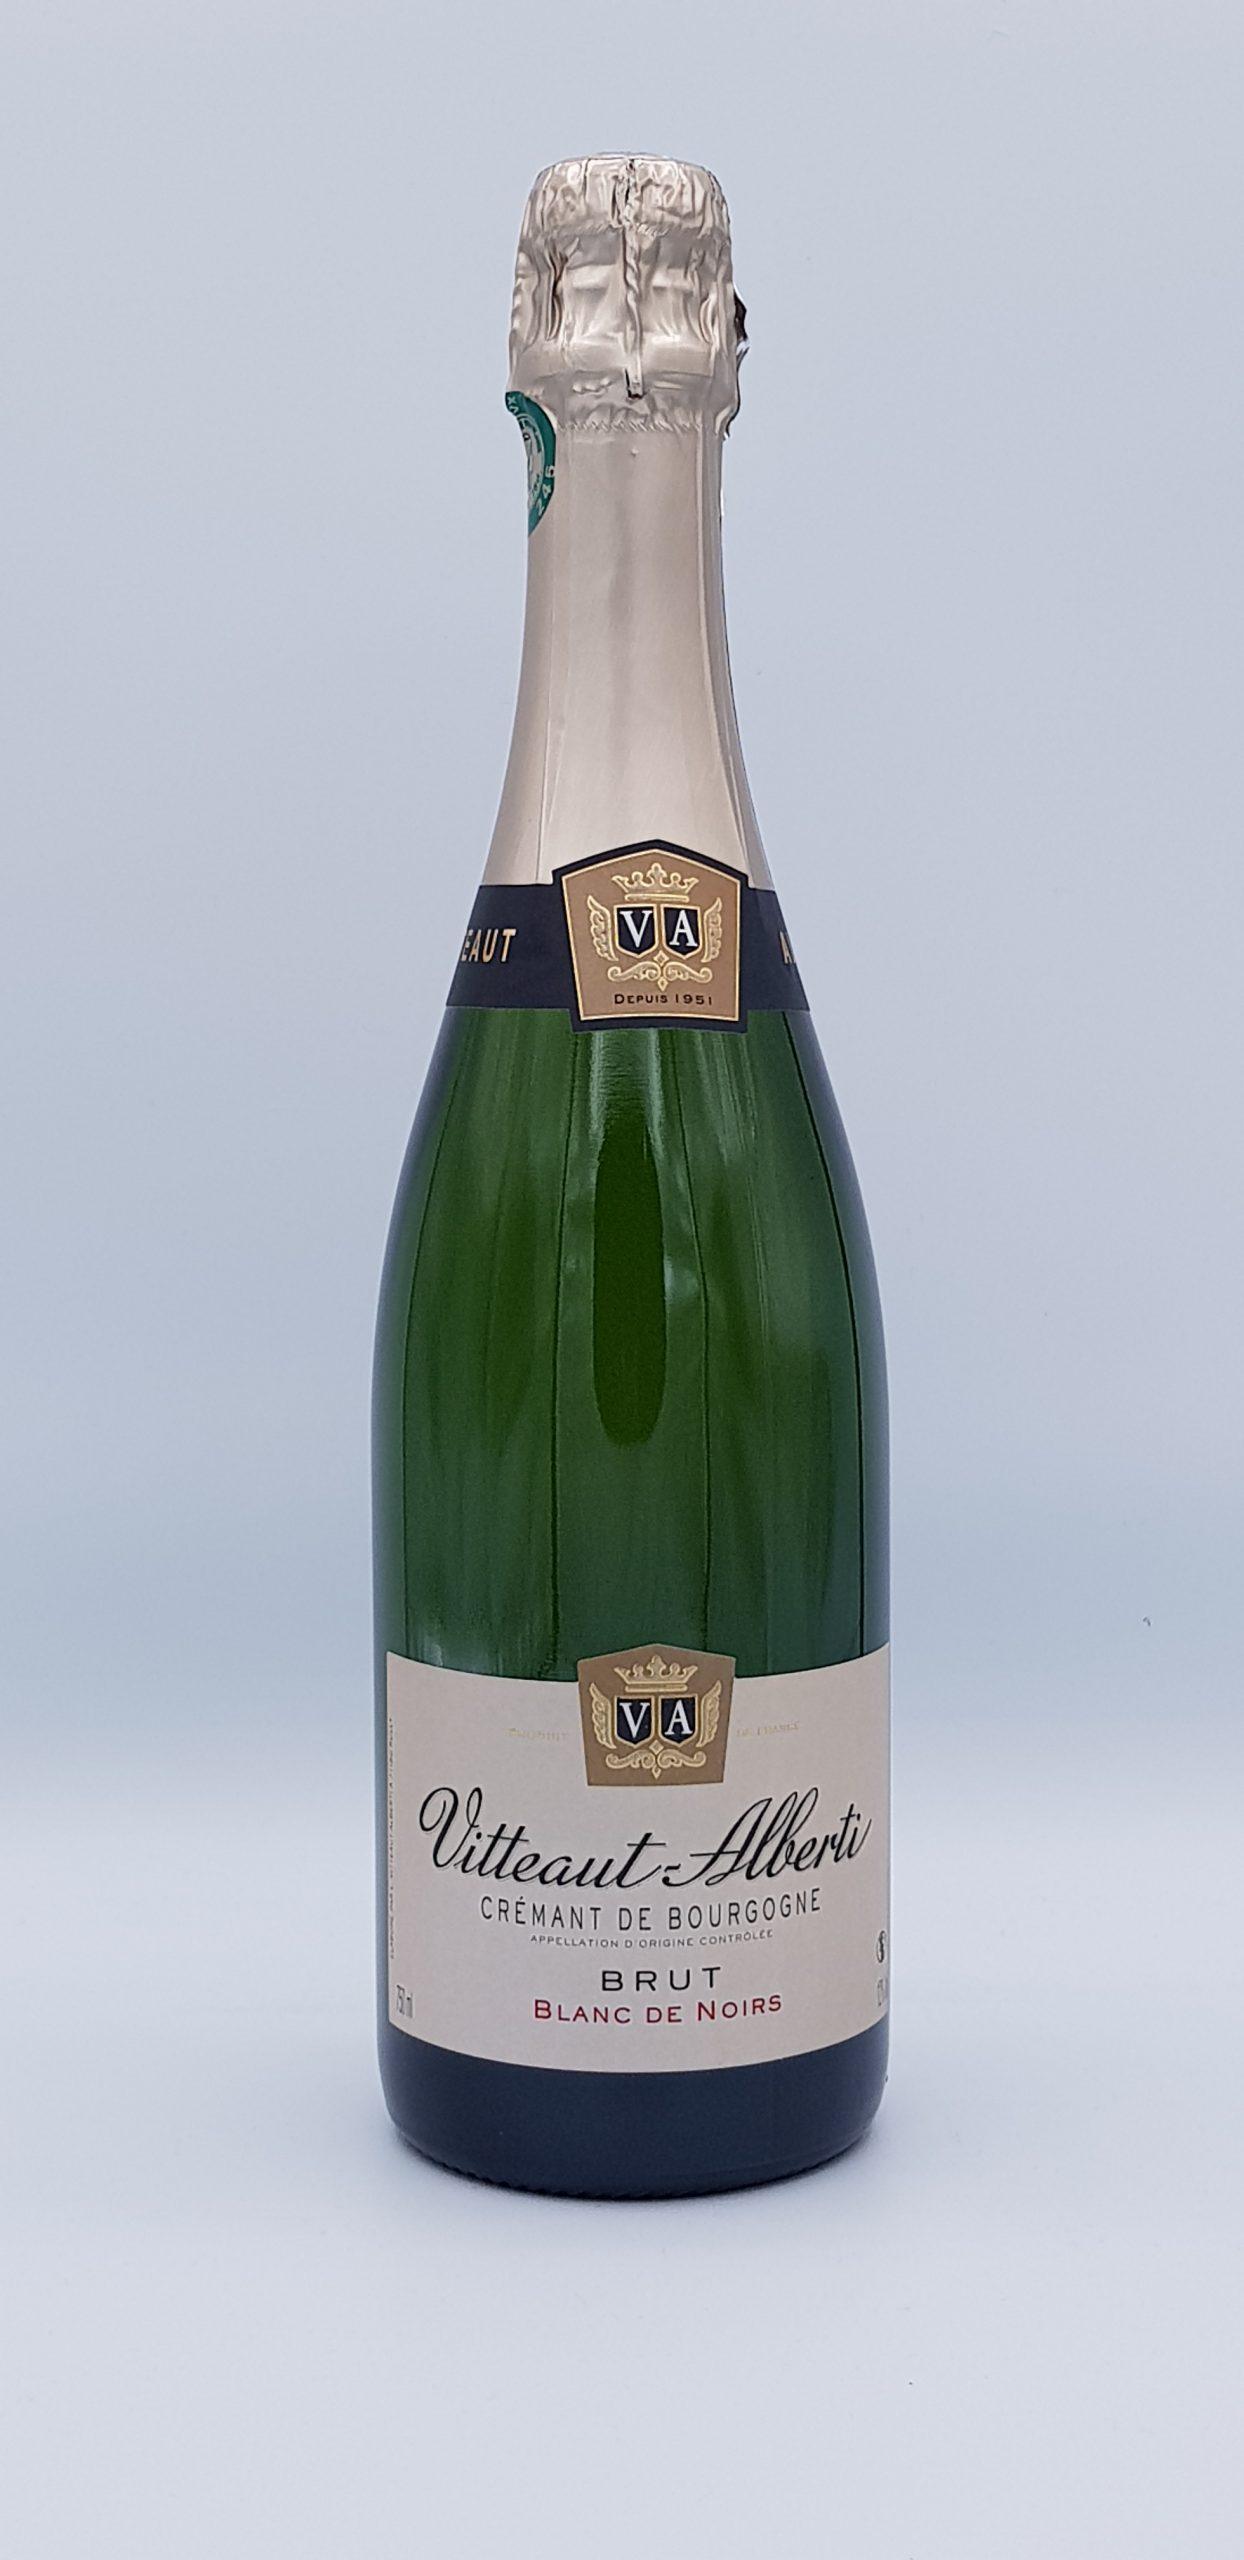 Cremant De Bourgogne Blanc De Noirs Vitteaut Alberti